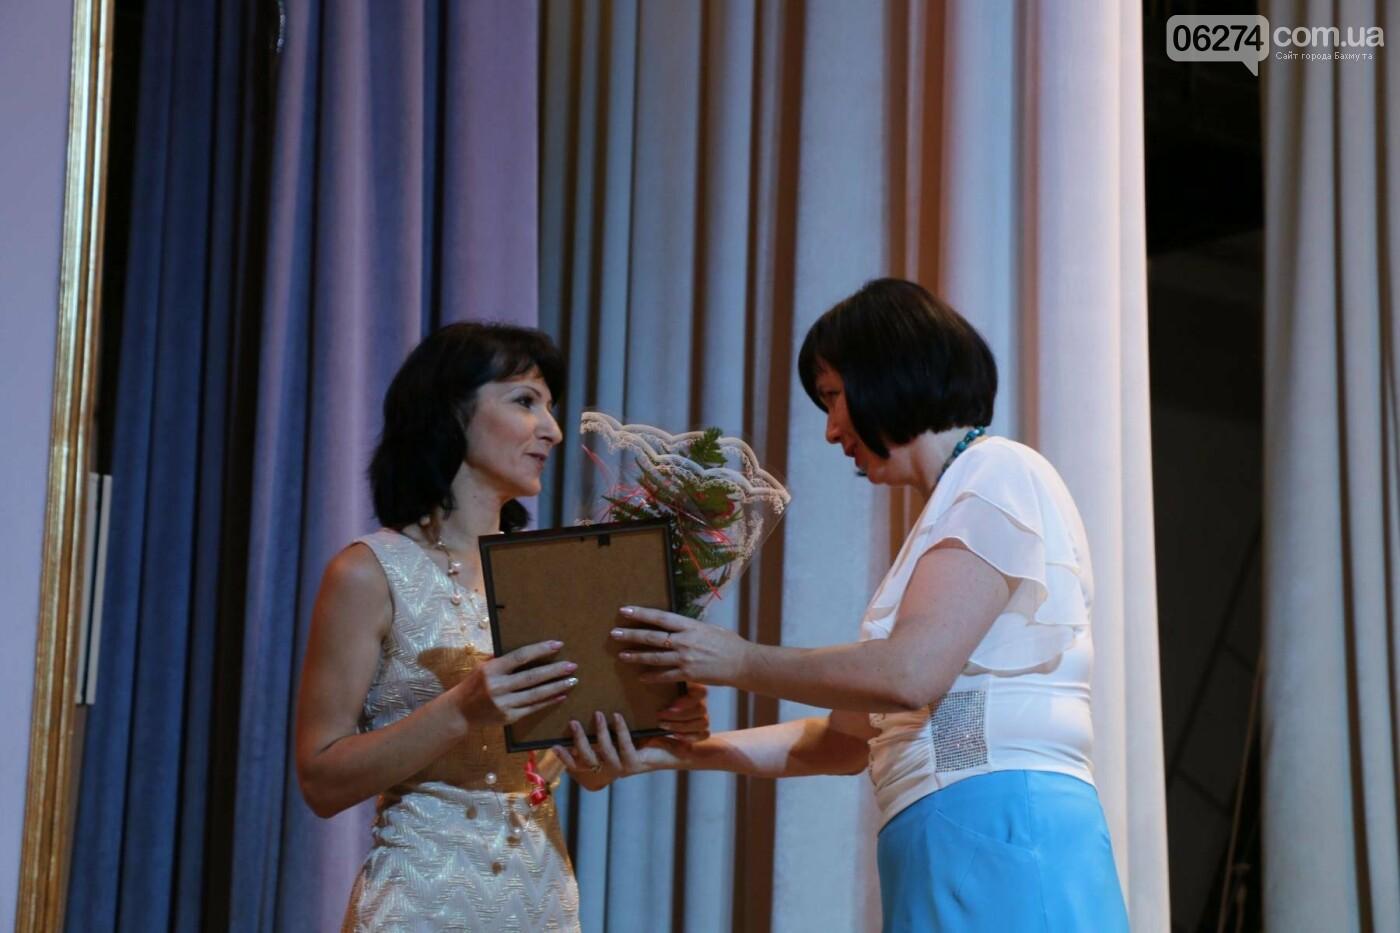 В Бахмуте состоялась августовская педагогическая конференция «Нова українська школа: освіта для життя», фото-20